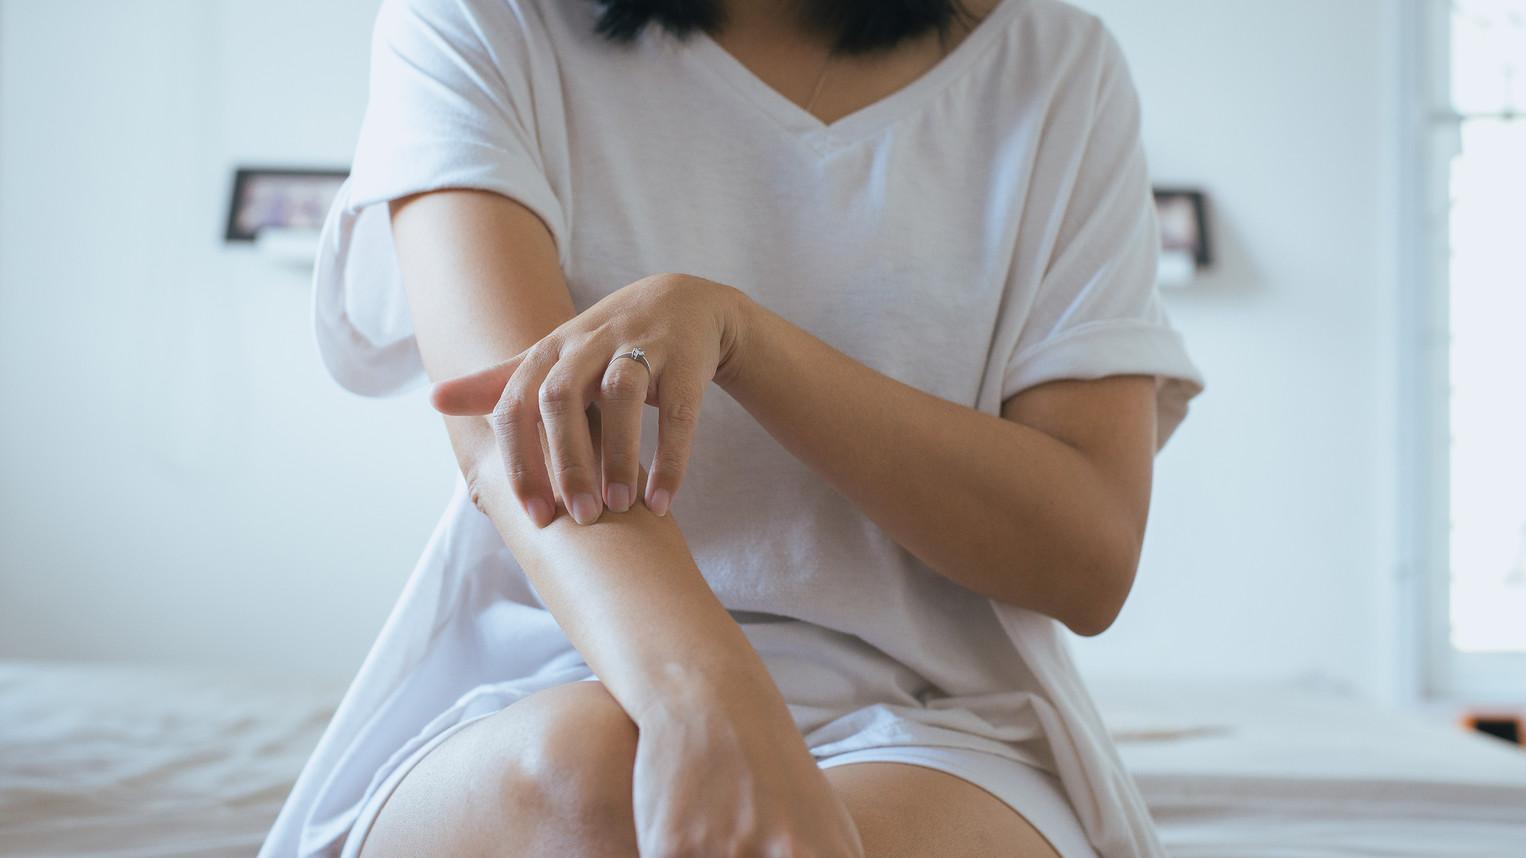 hogyan lehet gyógyítani a pikkelysömör könyökét